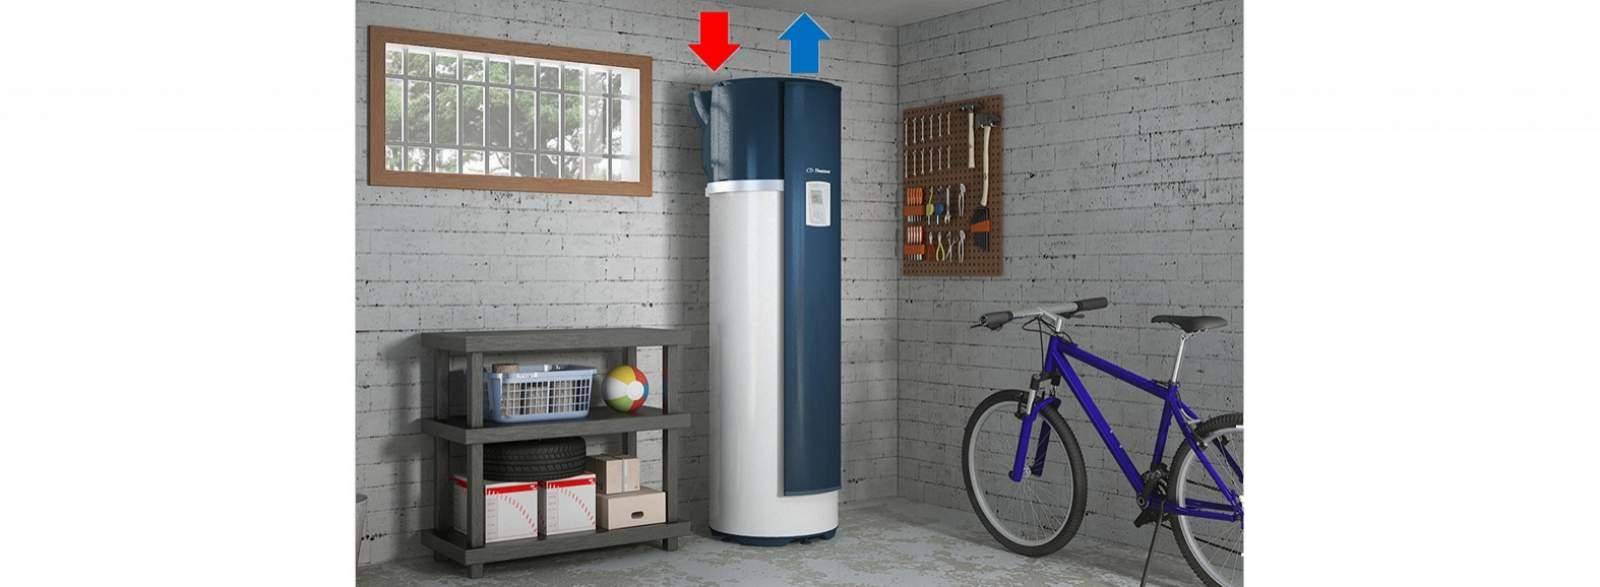 Pompe A Chaleur Chauffe Eau tout installation de chauffe-eau thermodynamique à blagnac - artisan